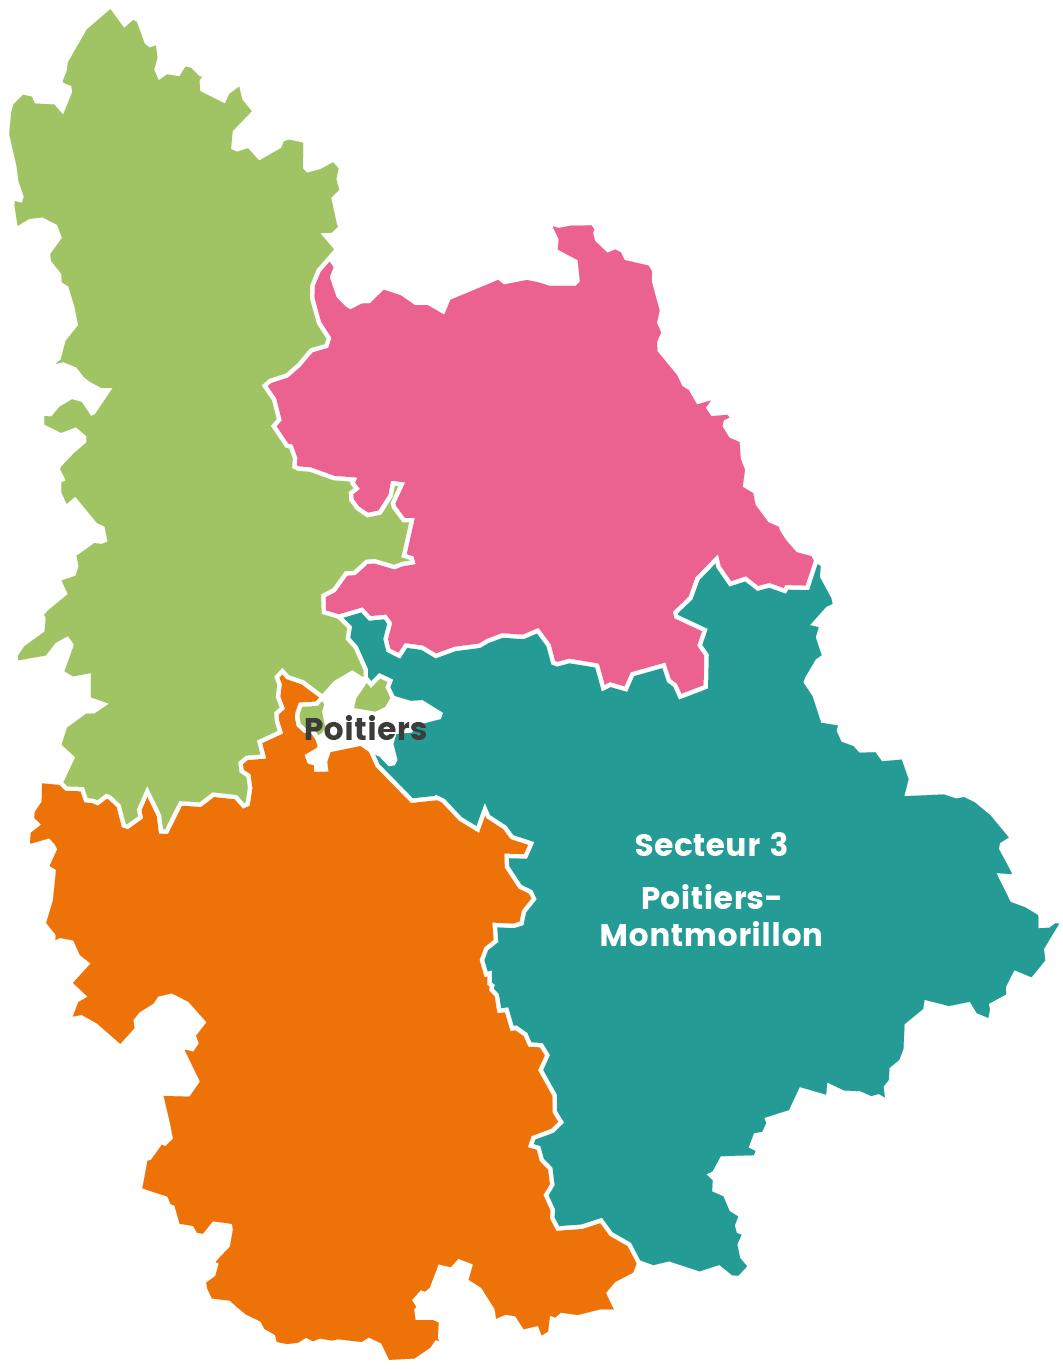 carte vienne secteur 3